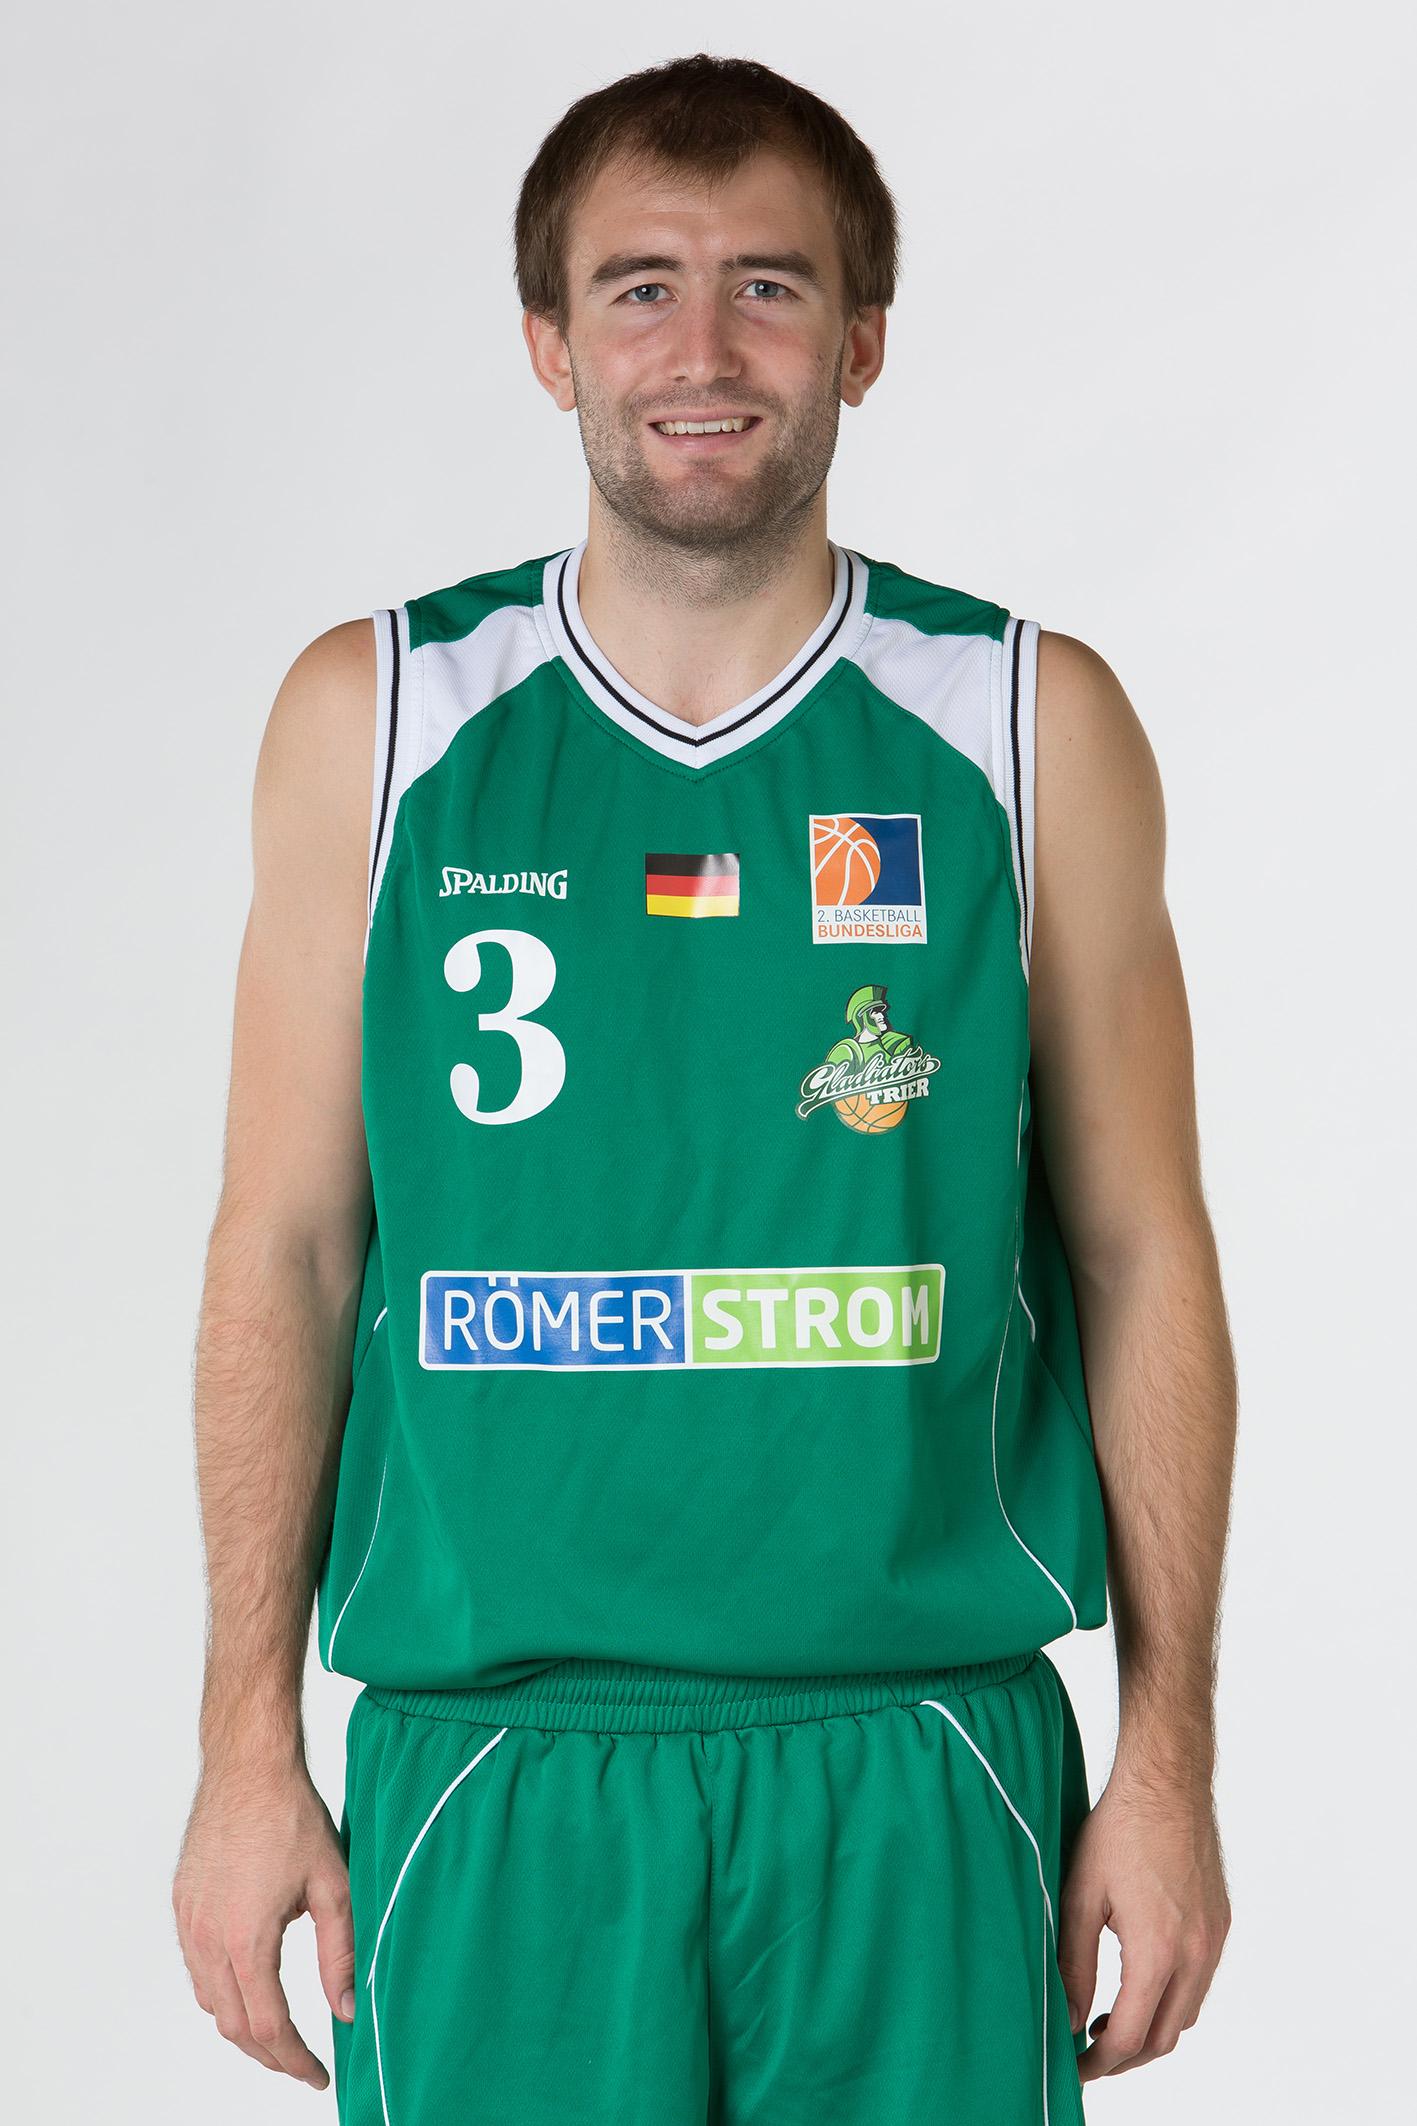 Simon Schmitz